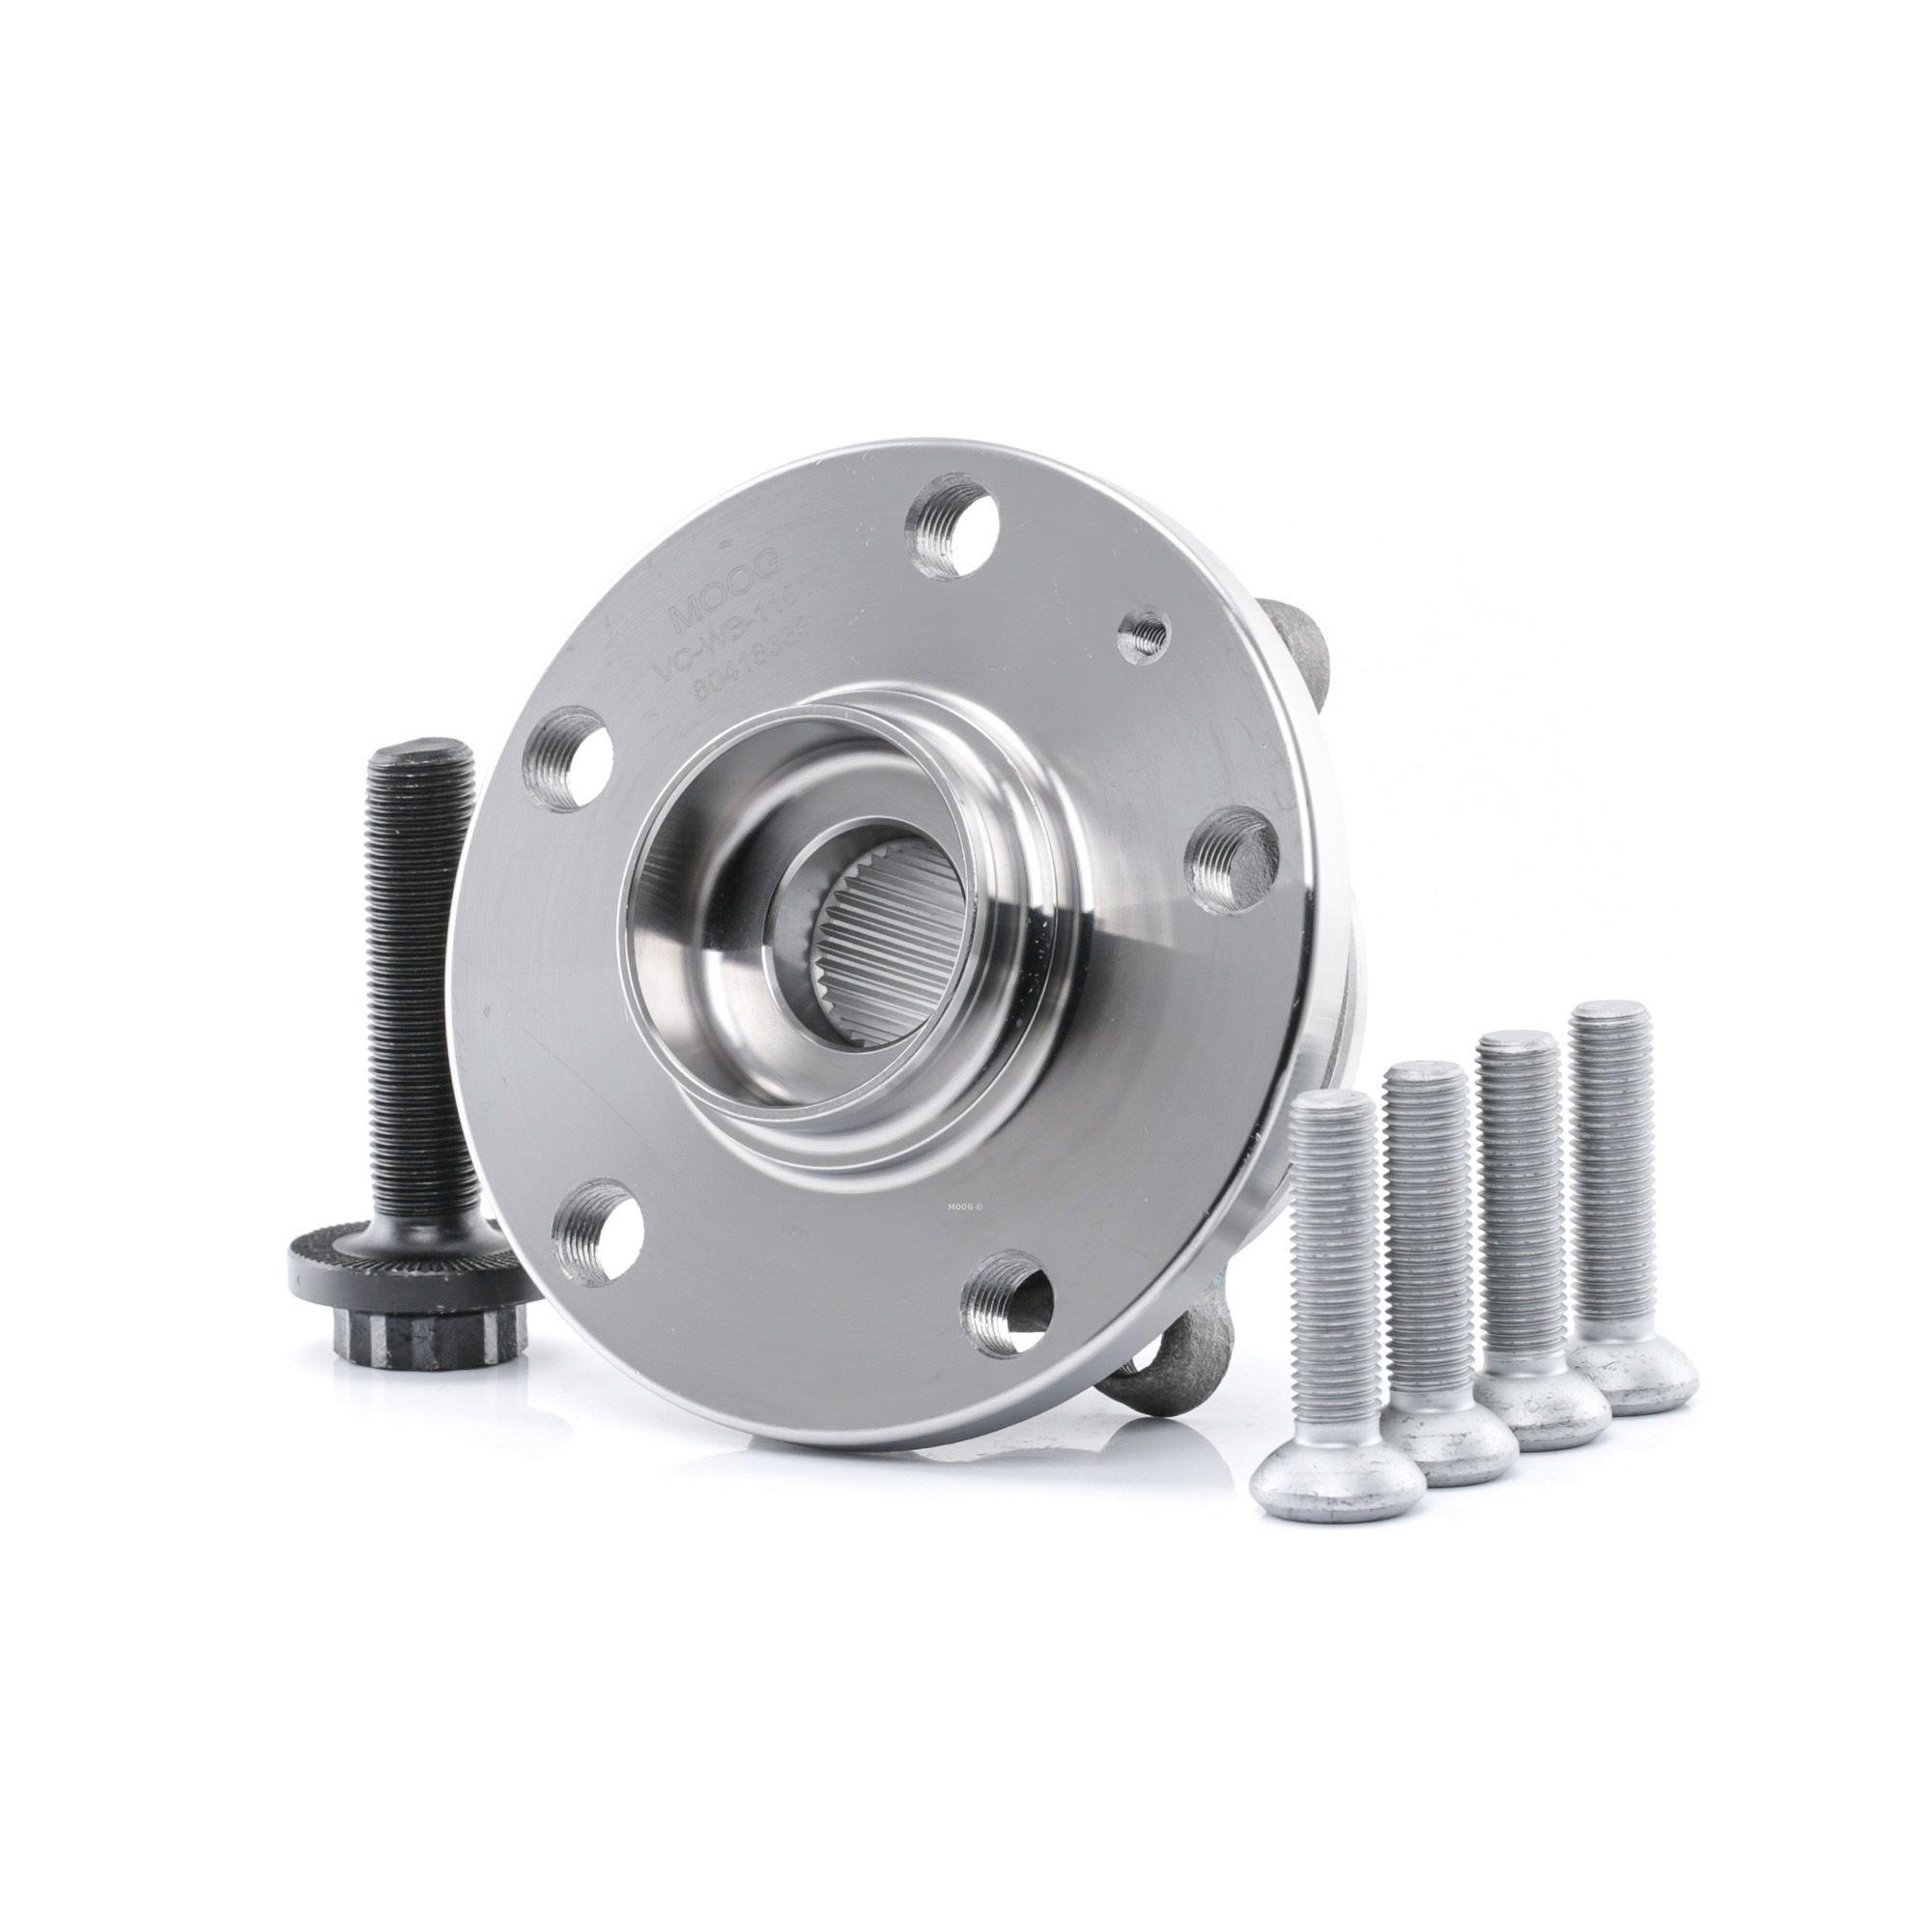 Wheel Bearing MOOG VO-WB-11019 rating